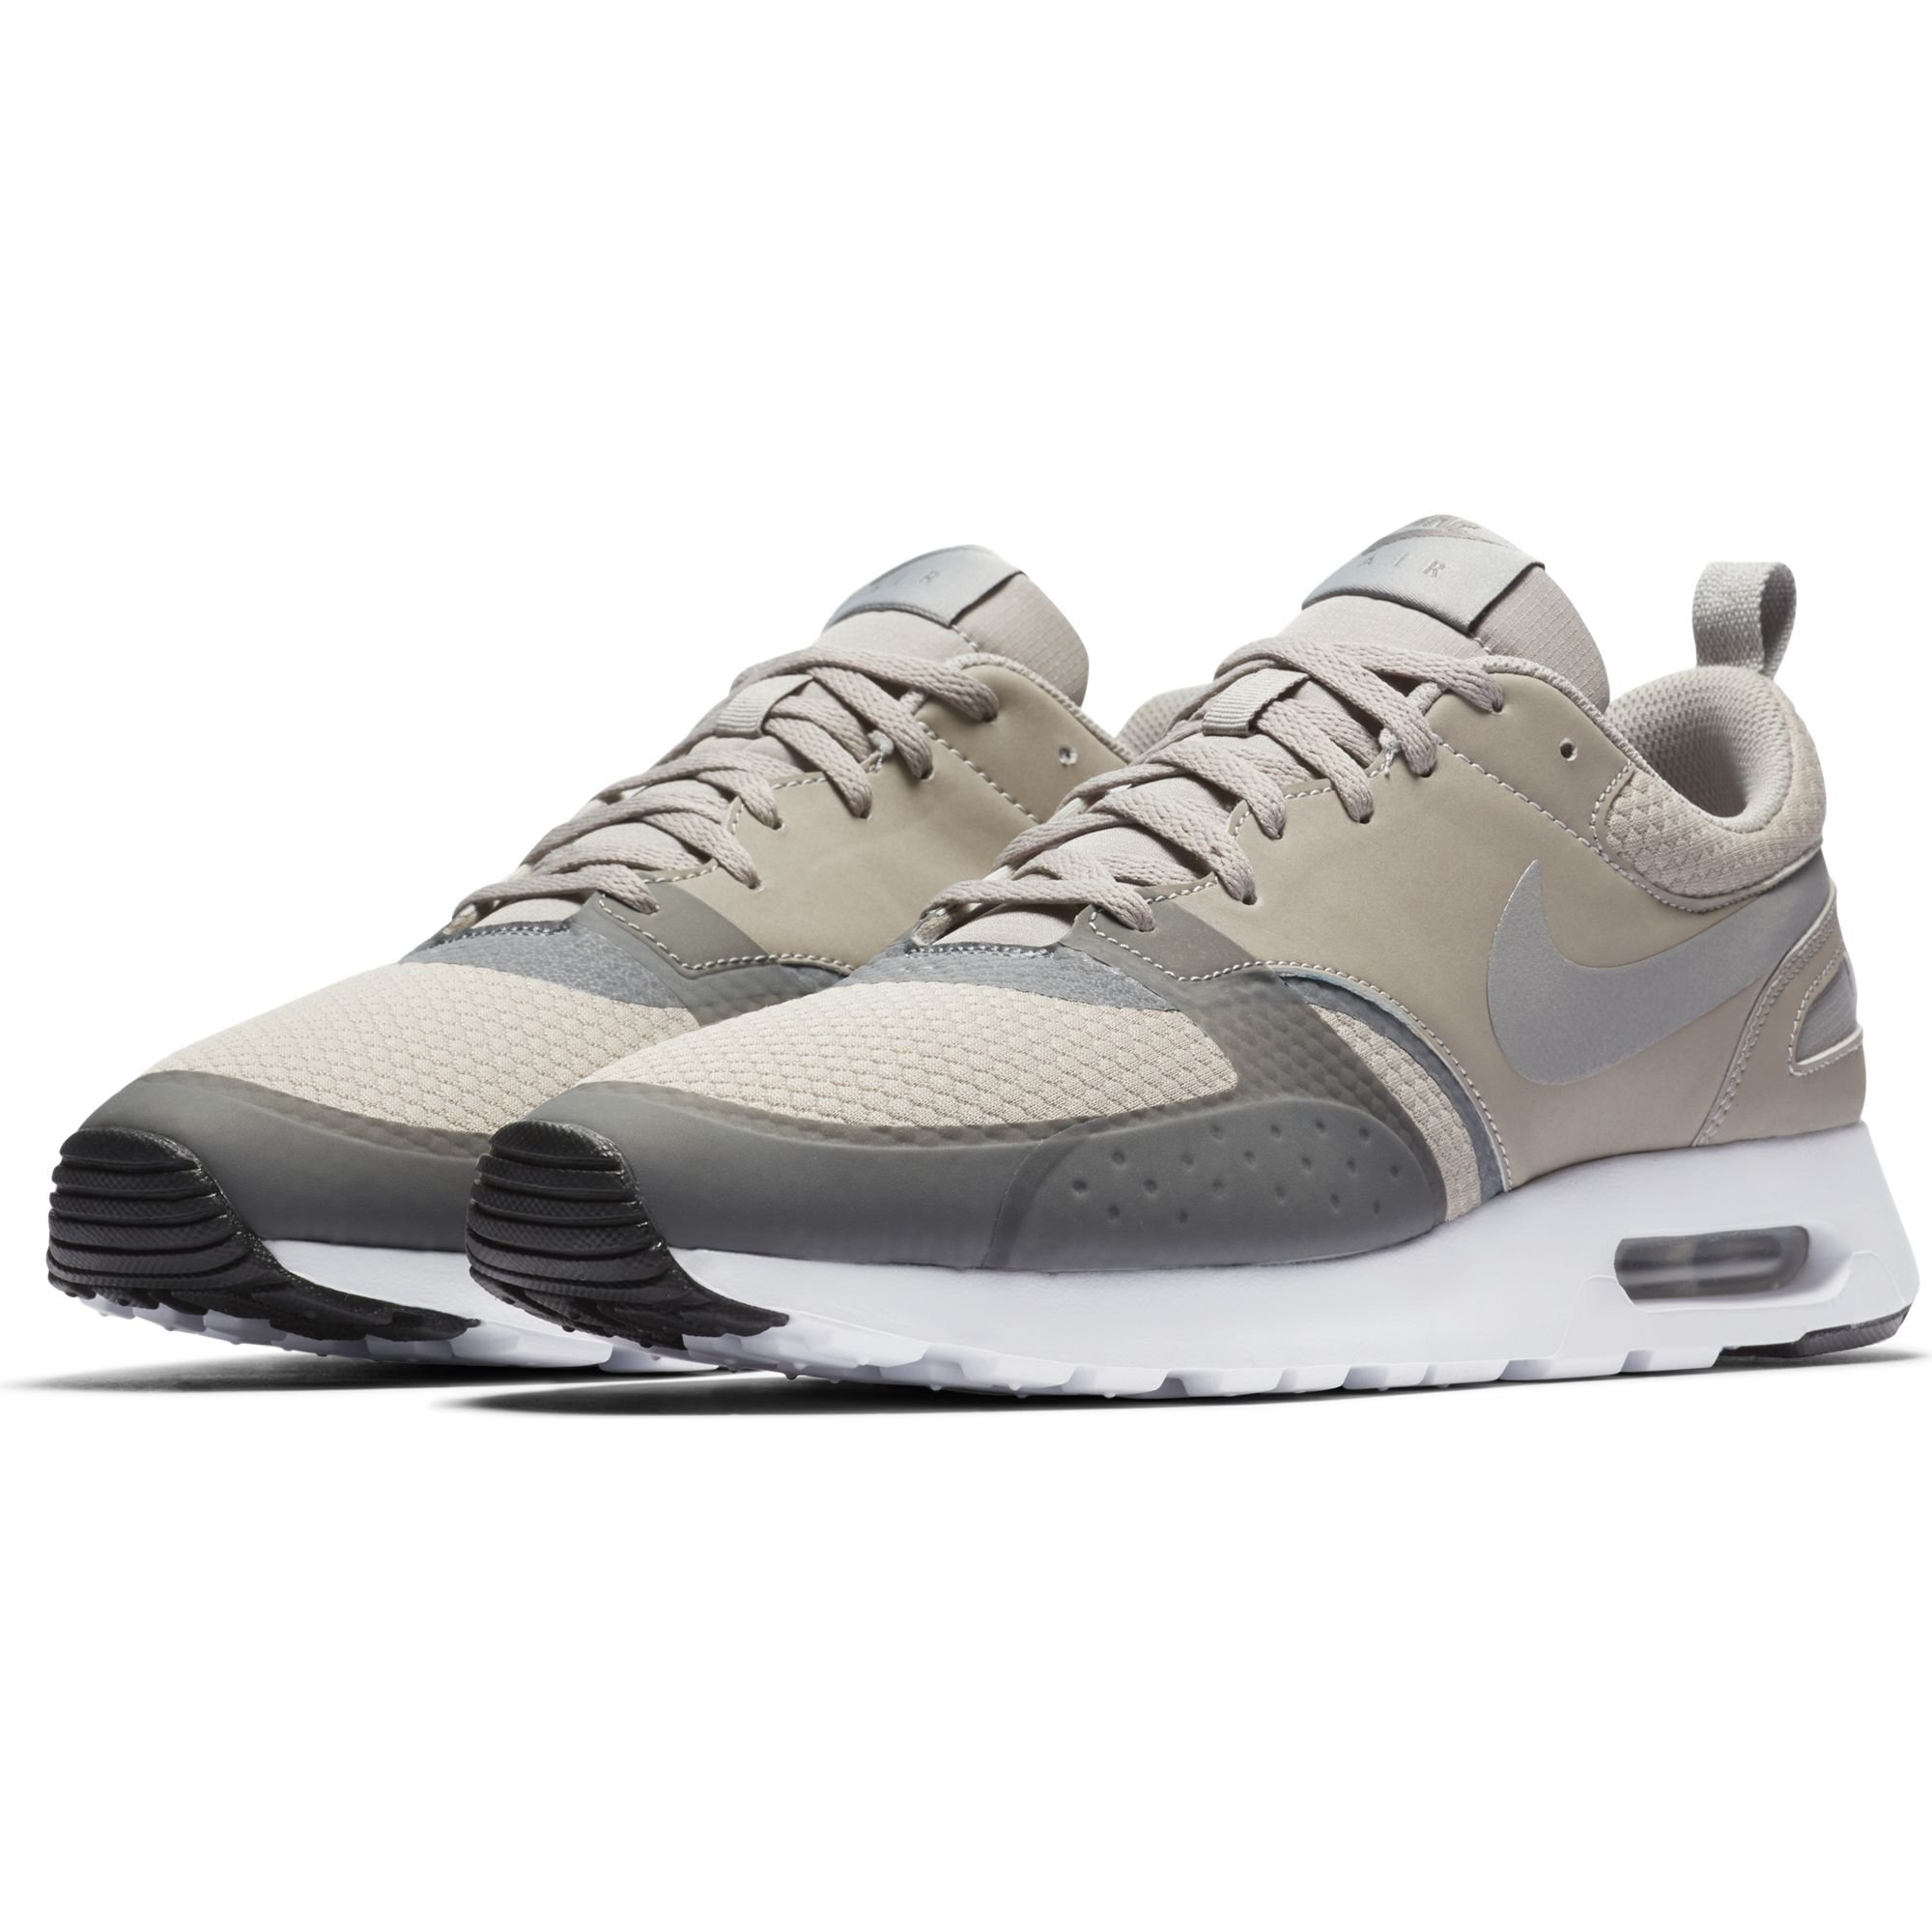 the best attitude 6eda8 883c1 Galleon - NIKE Men s Air Max Vision SE Shoe, Cobblestone Dust-Reflect  Silver-White 11